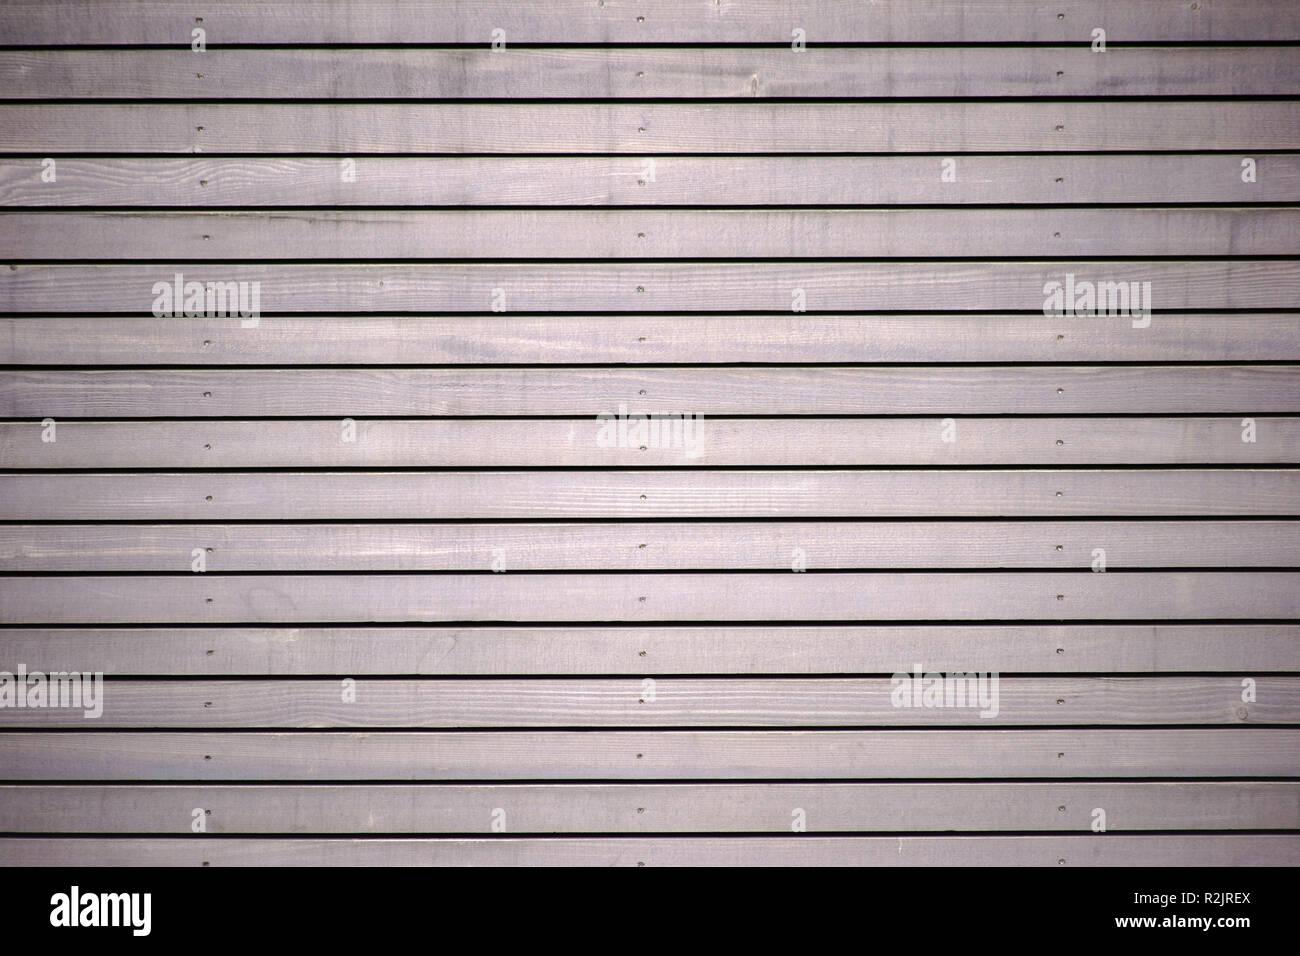 Cerca de los paneles de madera de una pared hecha de paneles de madera, Imagen De Stock